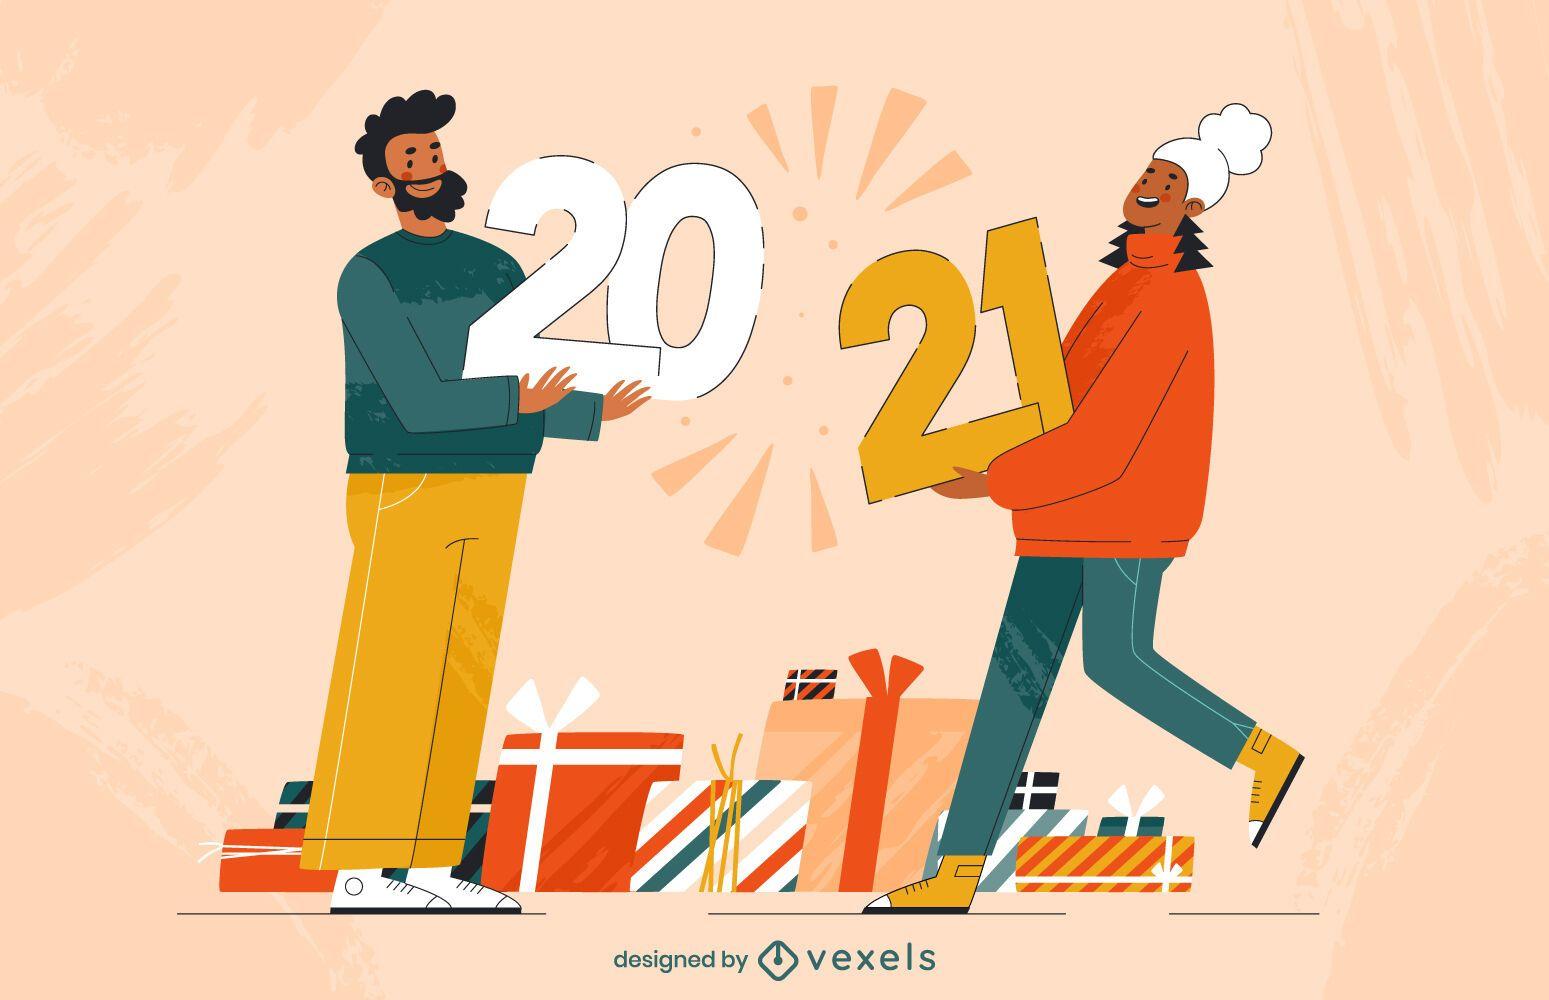 2021 diseño de ilustración de personajes